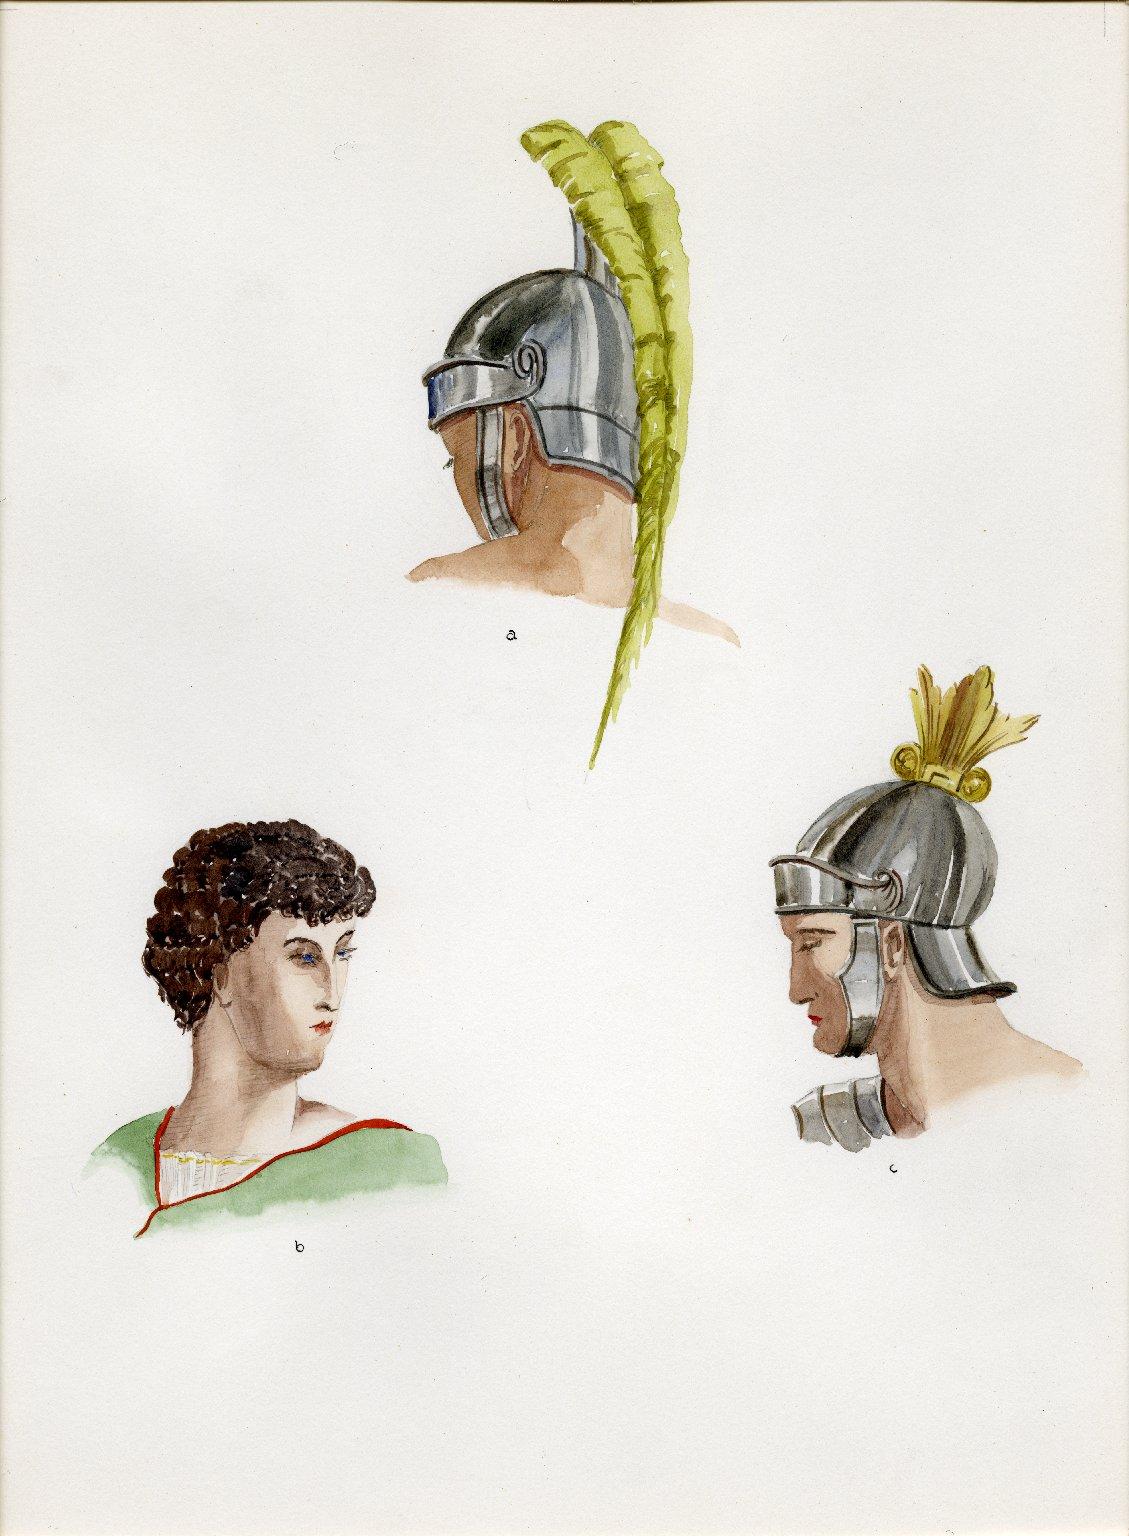 Plate X: Roman helmet, coiffure, helmet